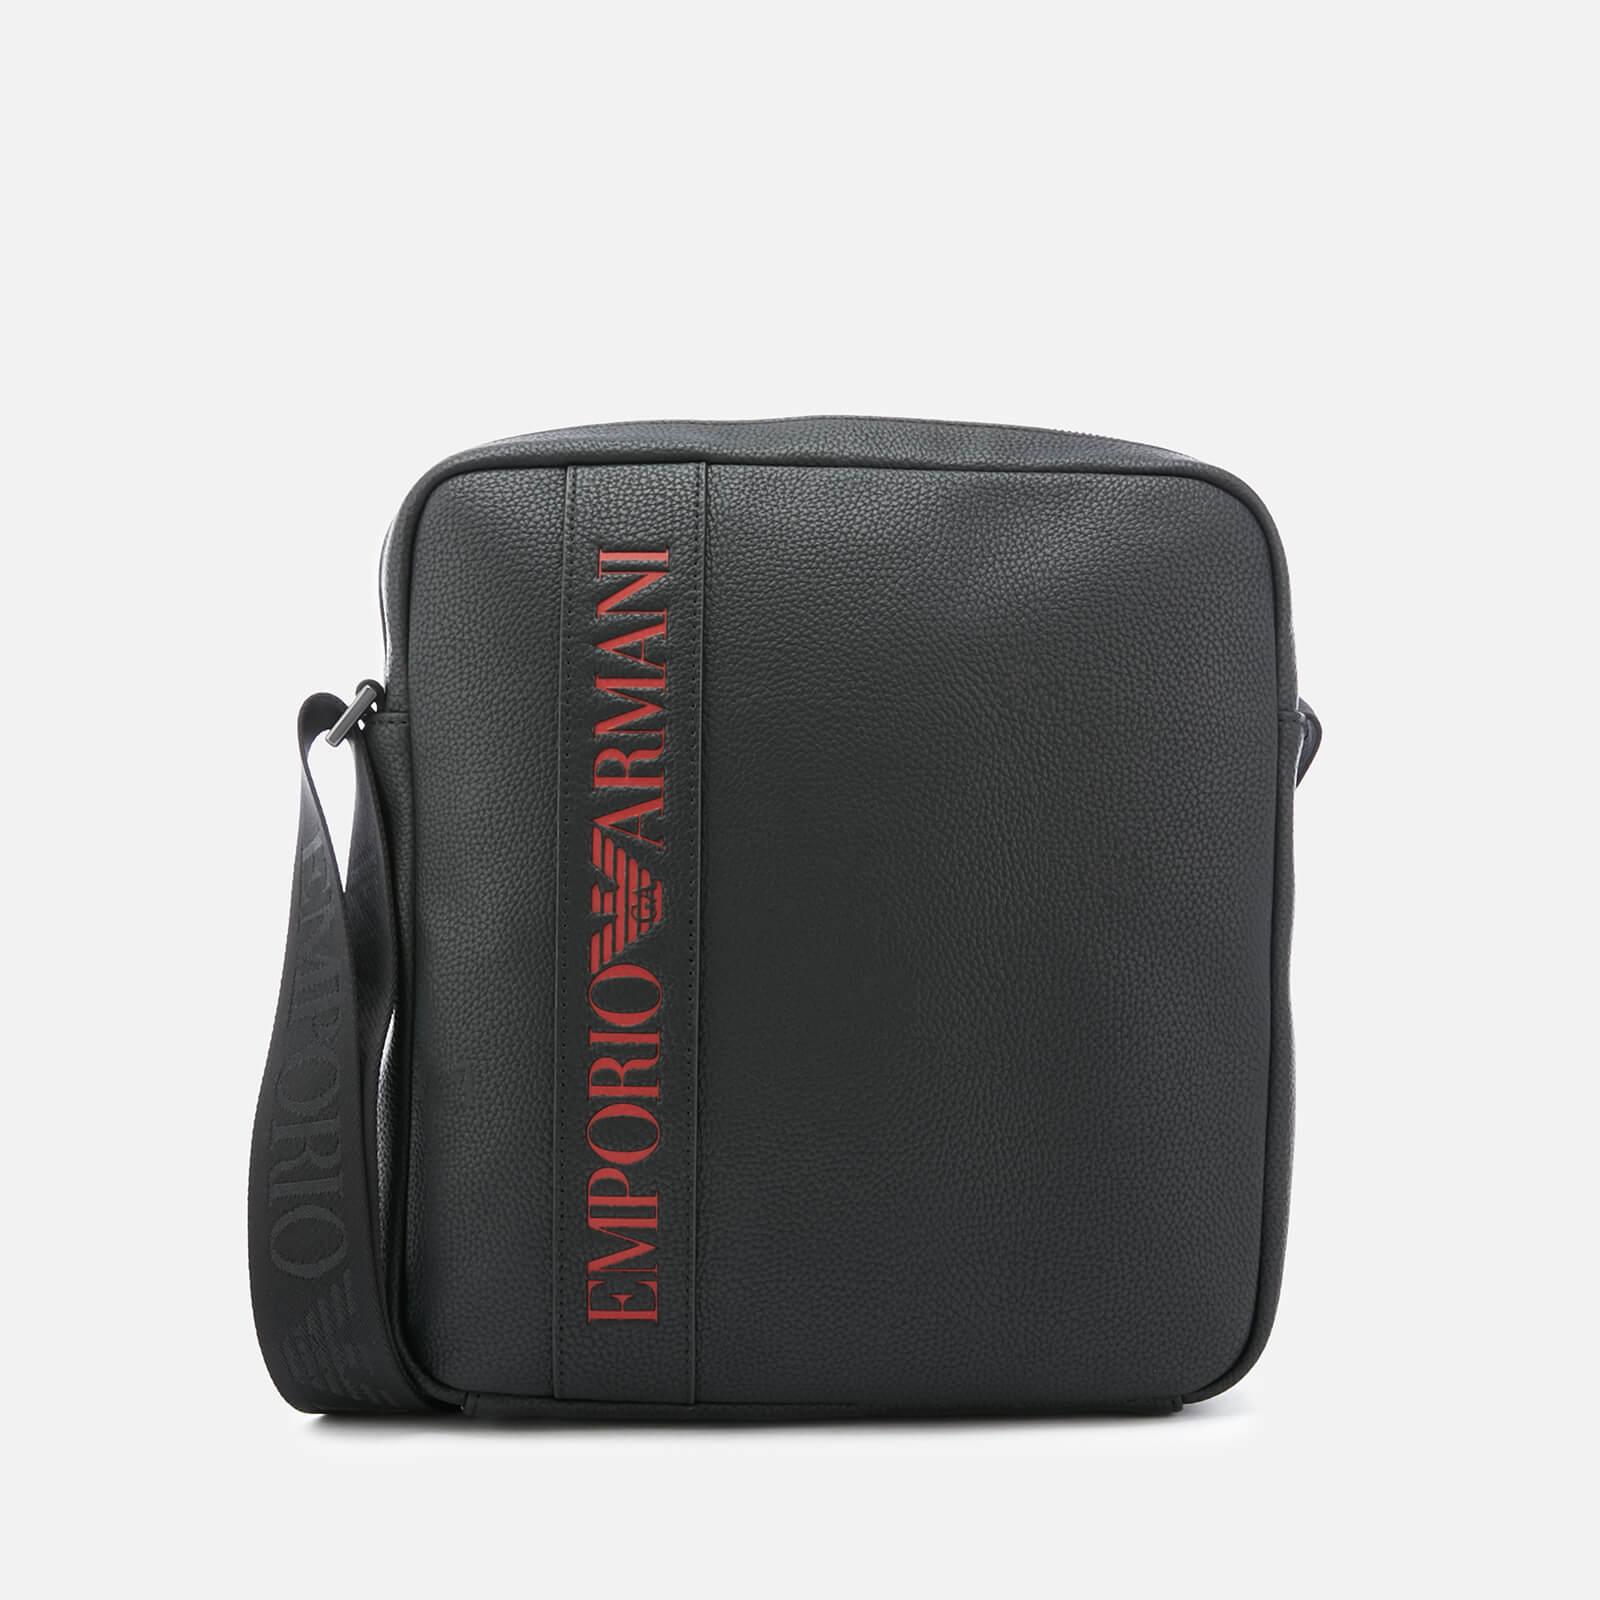 44a188e4 Emporio Armani Men's Cross Body Bag - Black